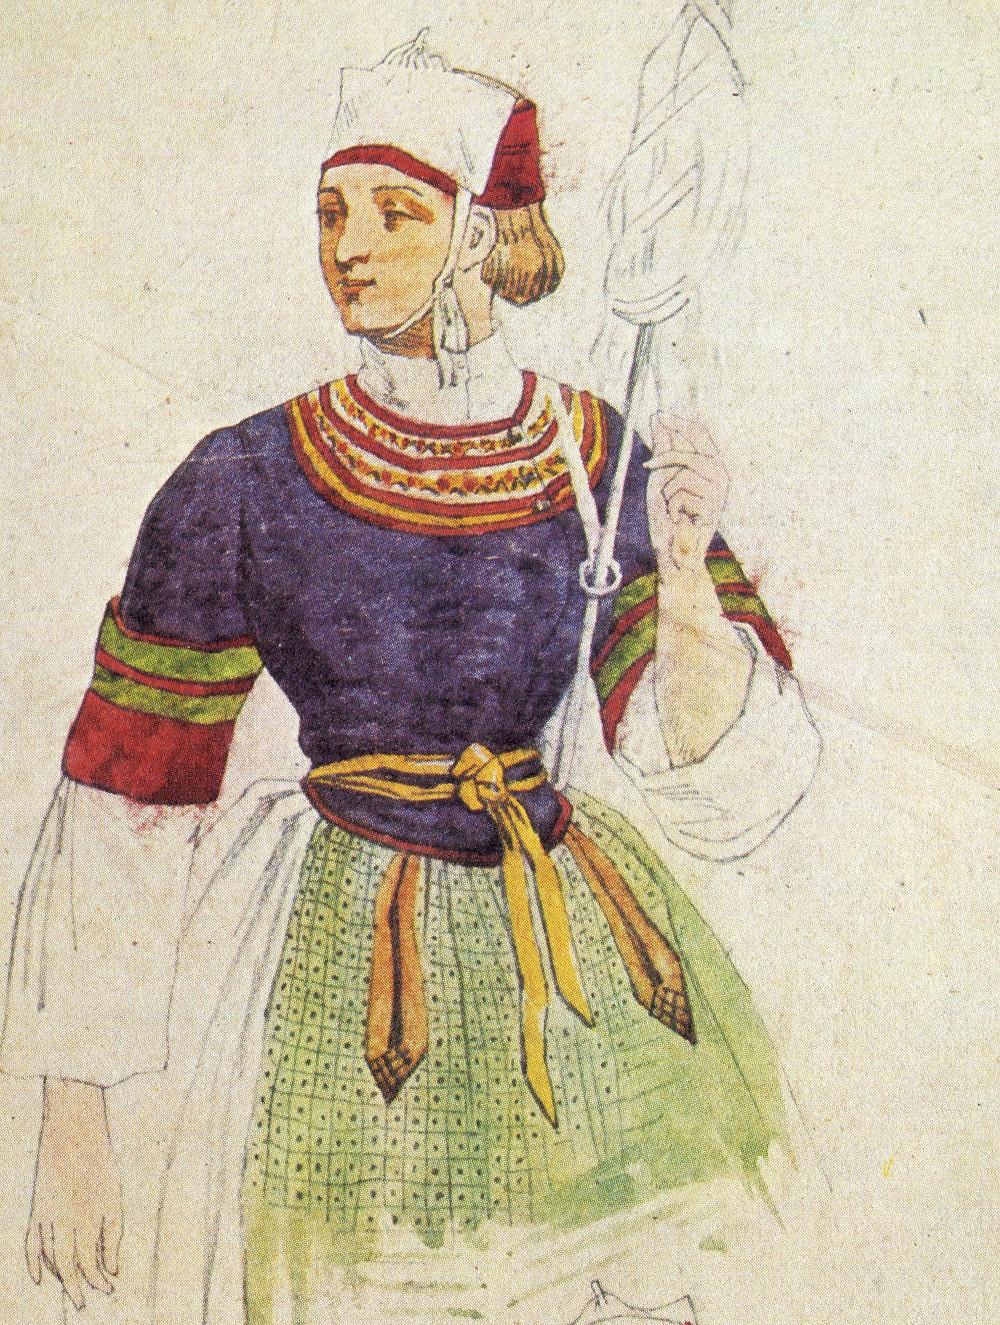 Fileuse de Pont-L'Abbé – source : René Yves Creston, Le costume breton (Ed. Tchou, 1974)